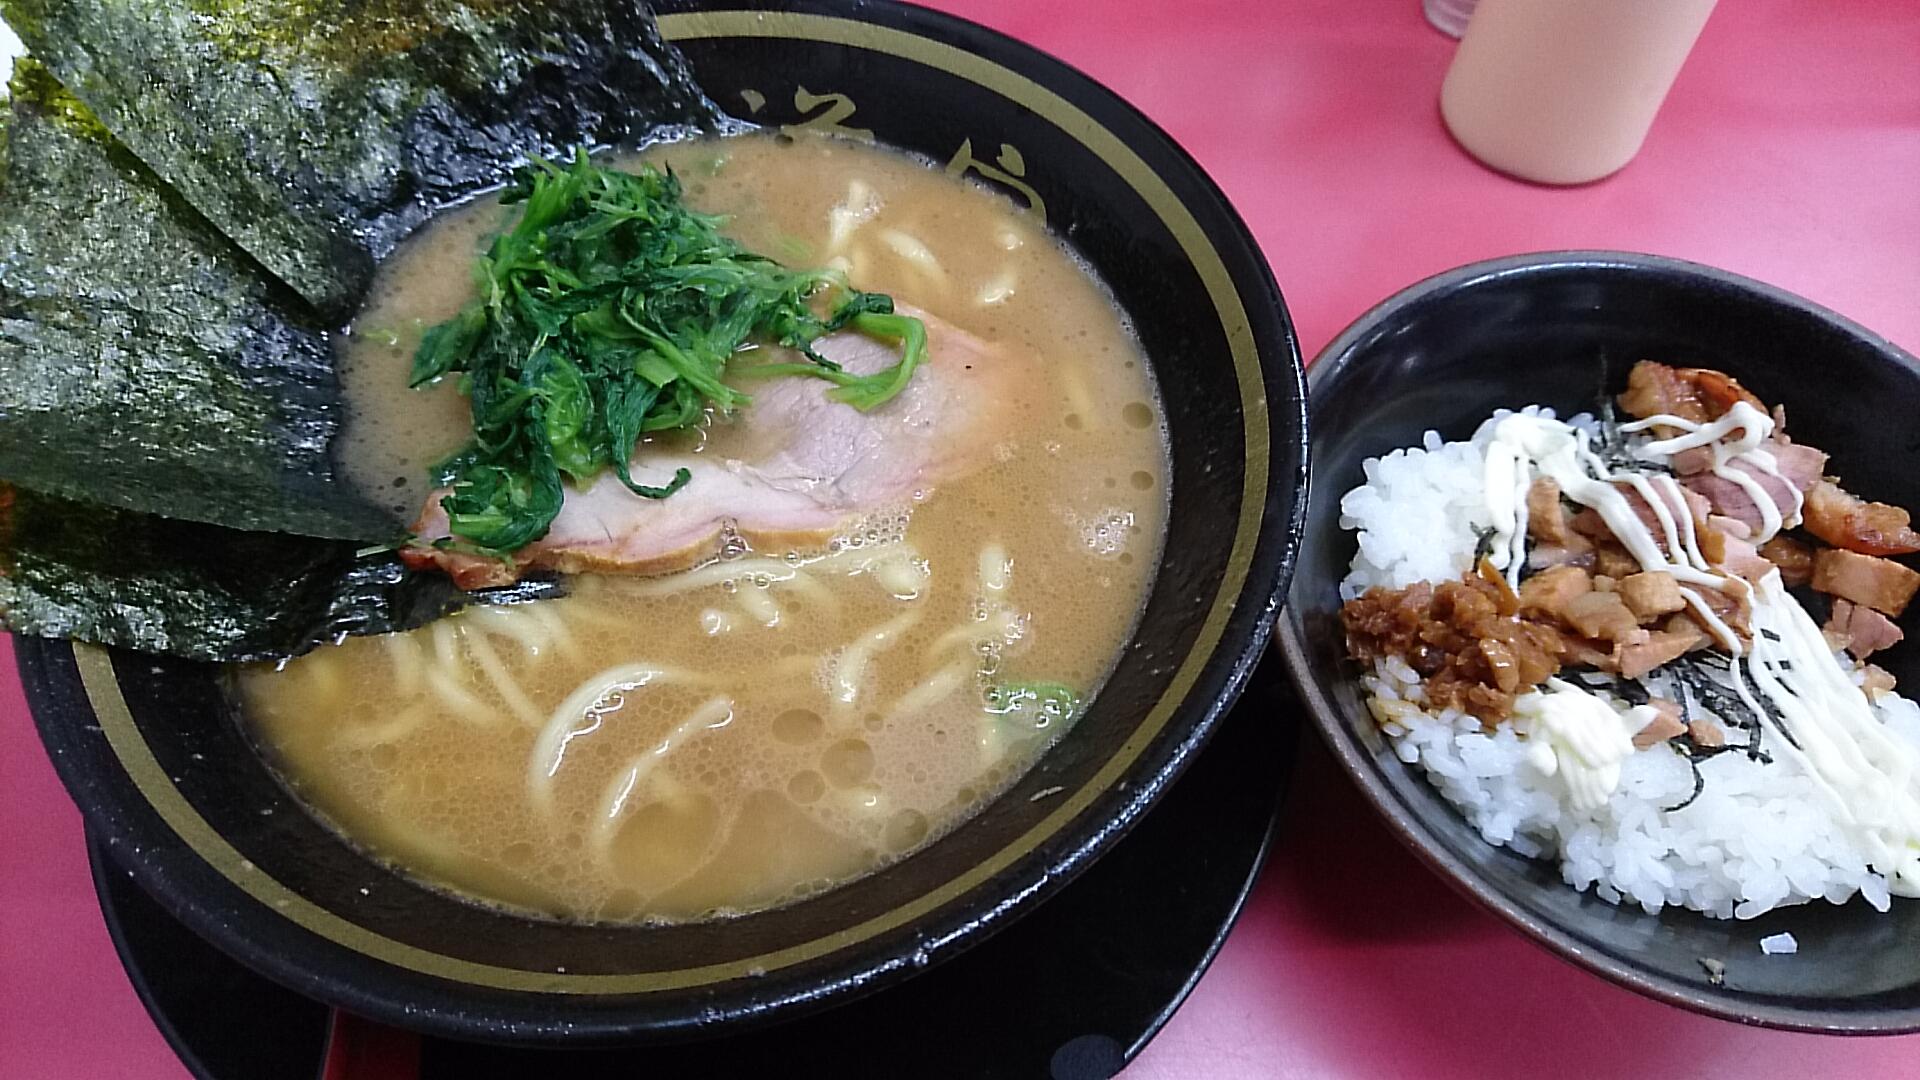 ラーメン並+半賄い飯(50円)コスパ抜群!